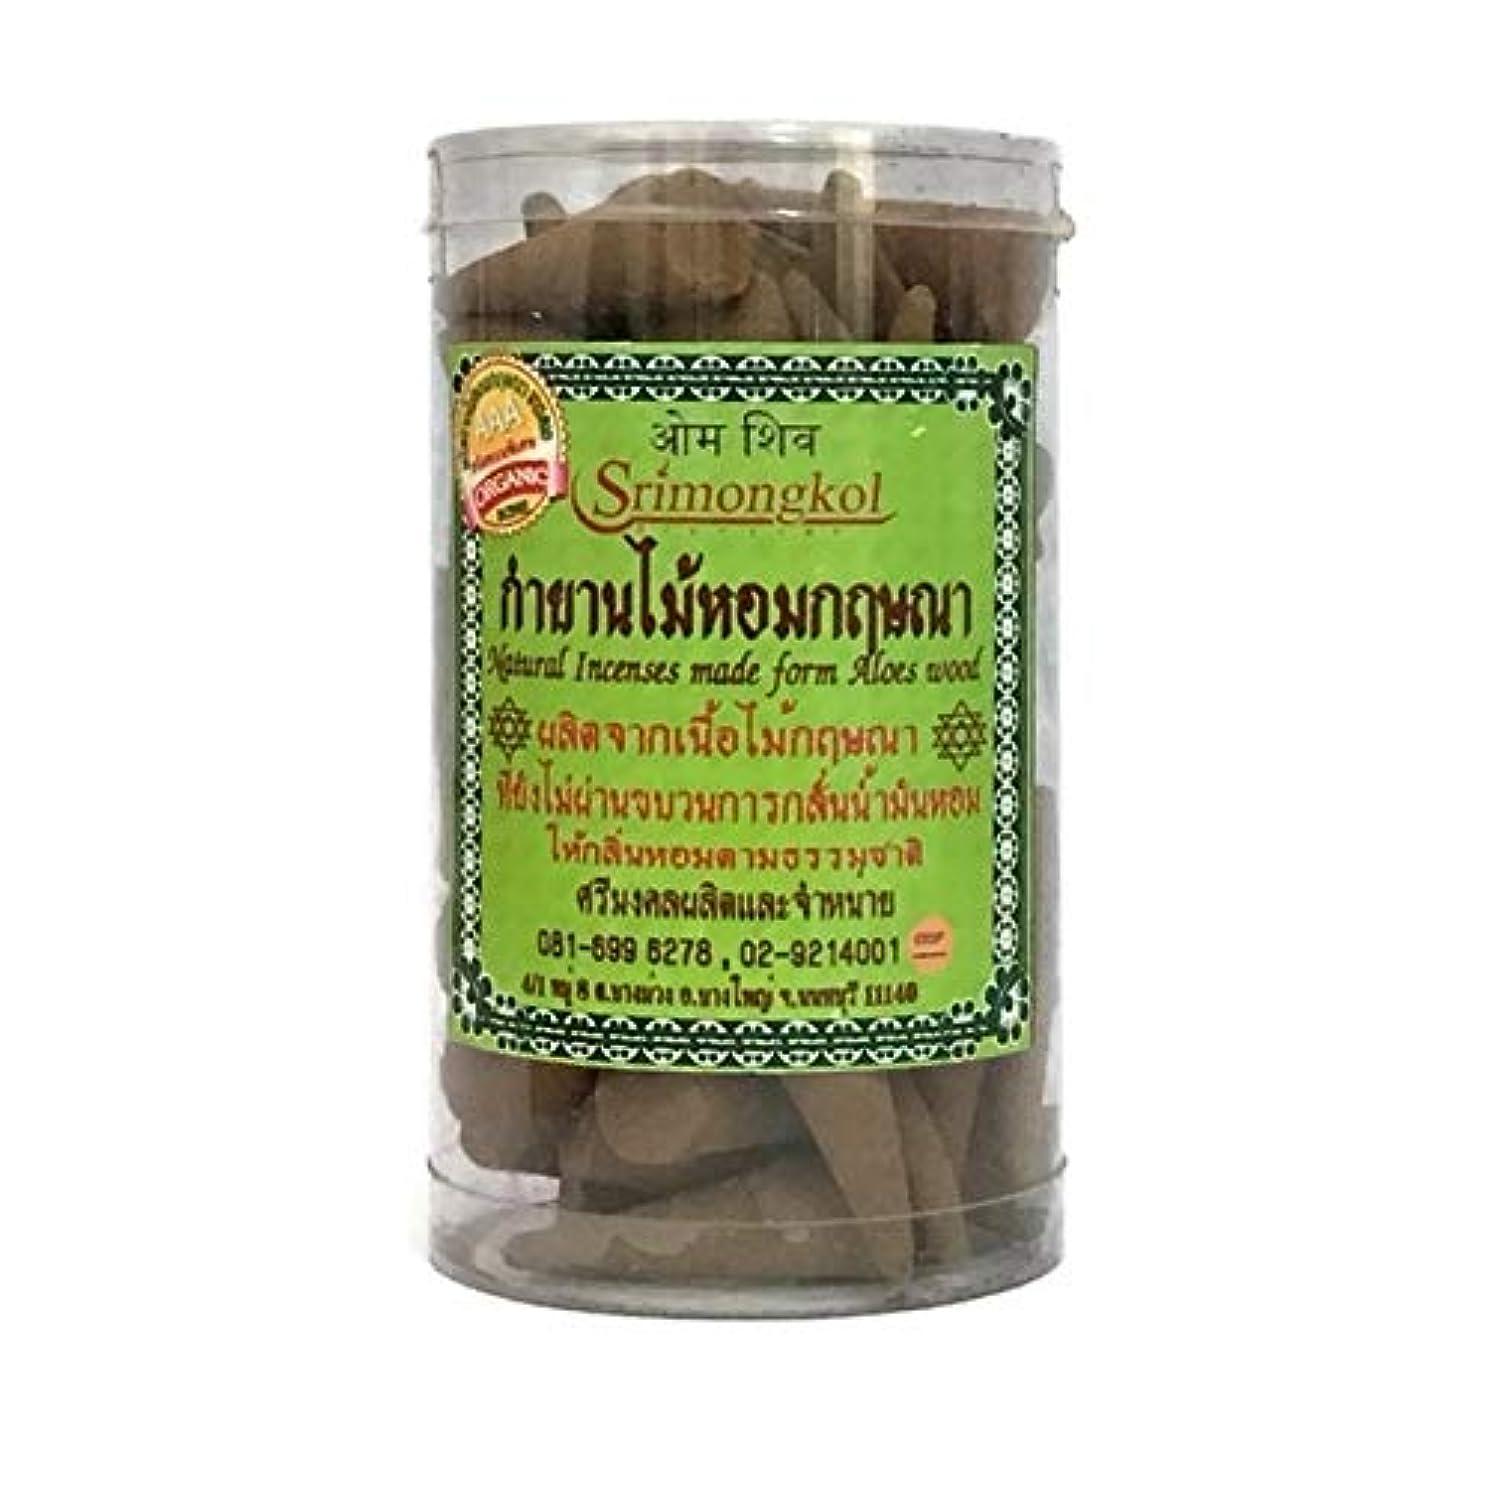 意志アレンジ限られたSrimongkol Agarwood Natural Incense Cones 200 Grams Grade AAA Organic (No Chemical :::Srimongkol Agarwoodナチュラル...